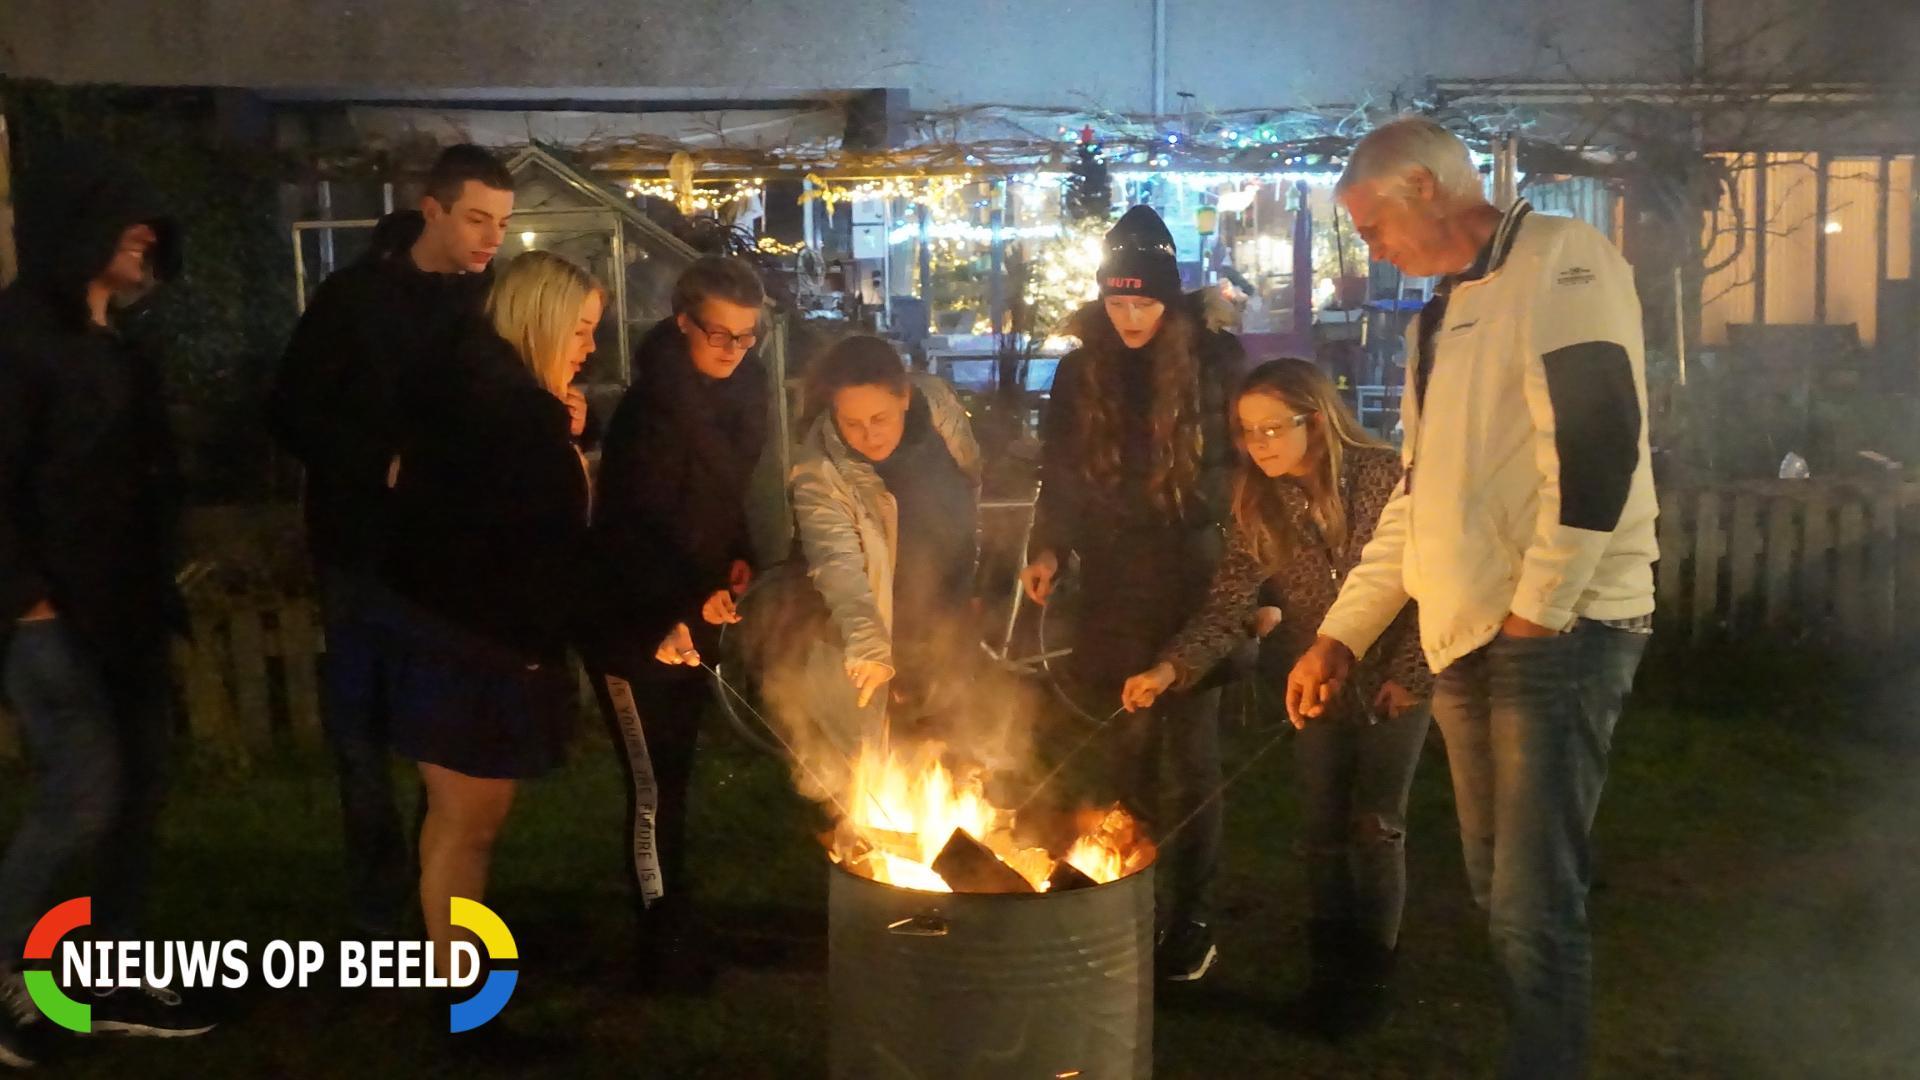 Vreugde vuur met een gezellig drankje Rietzoom Gouda